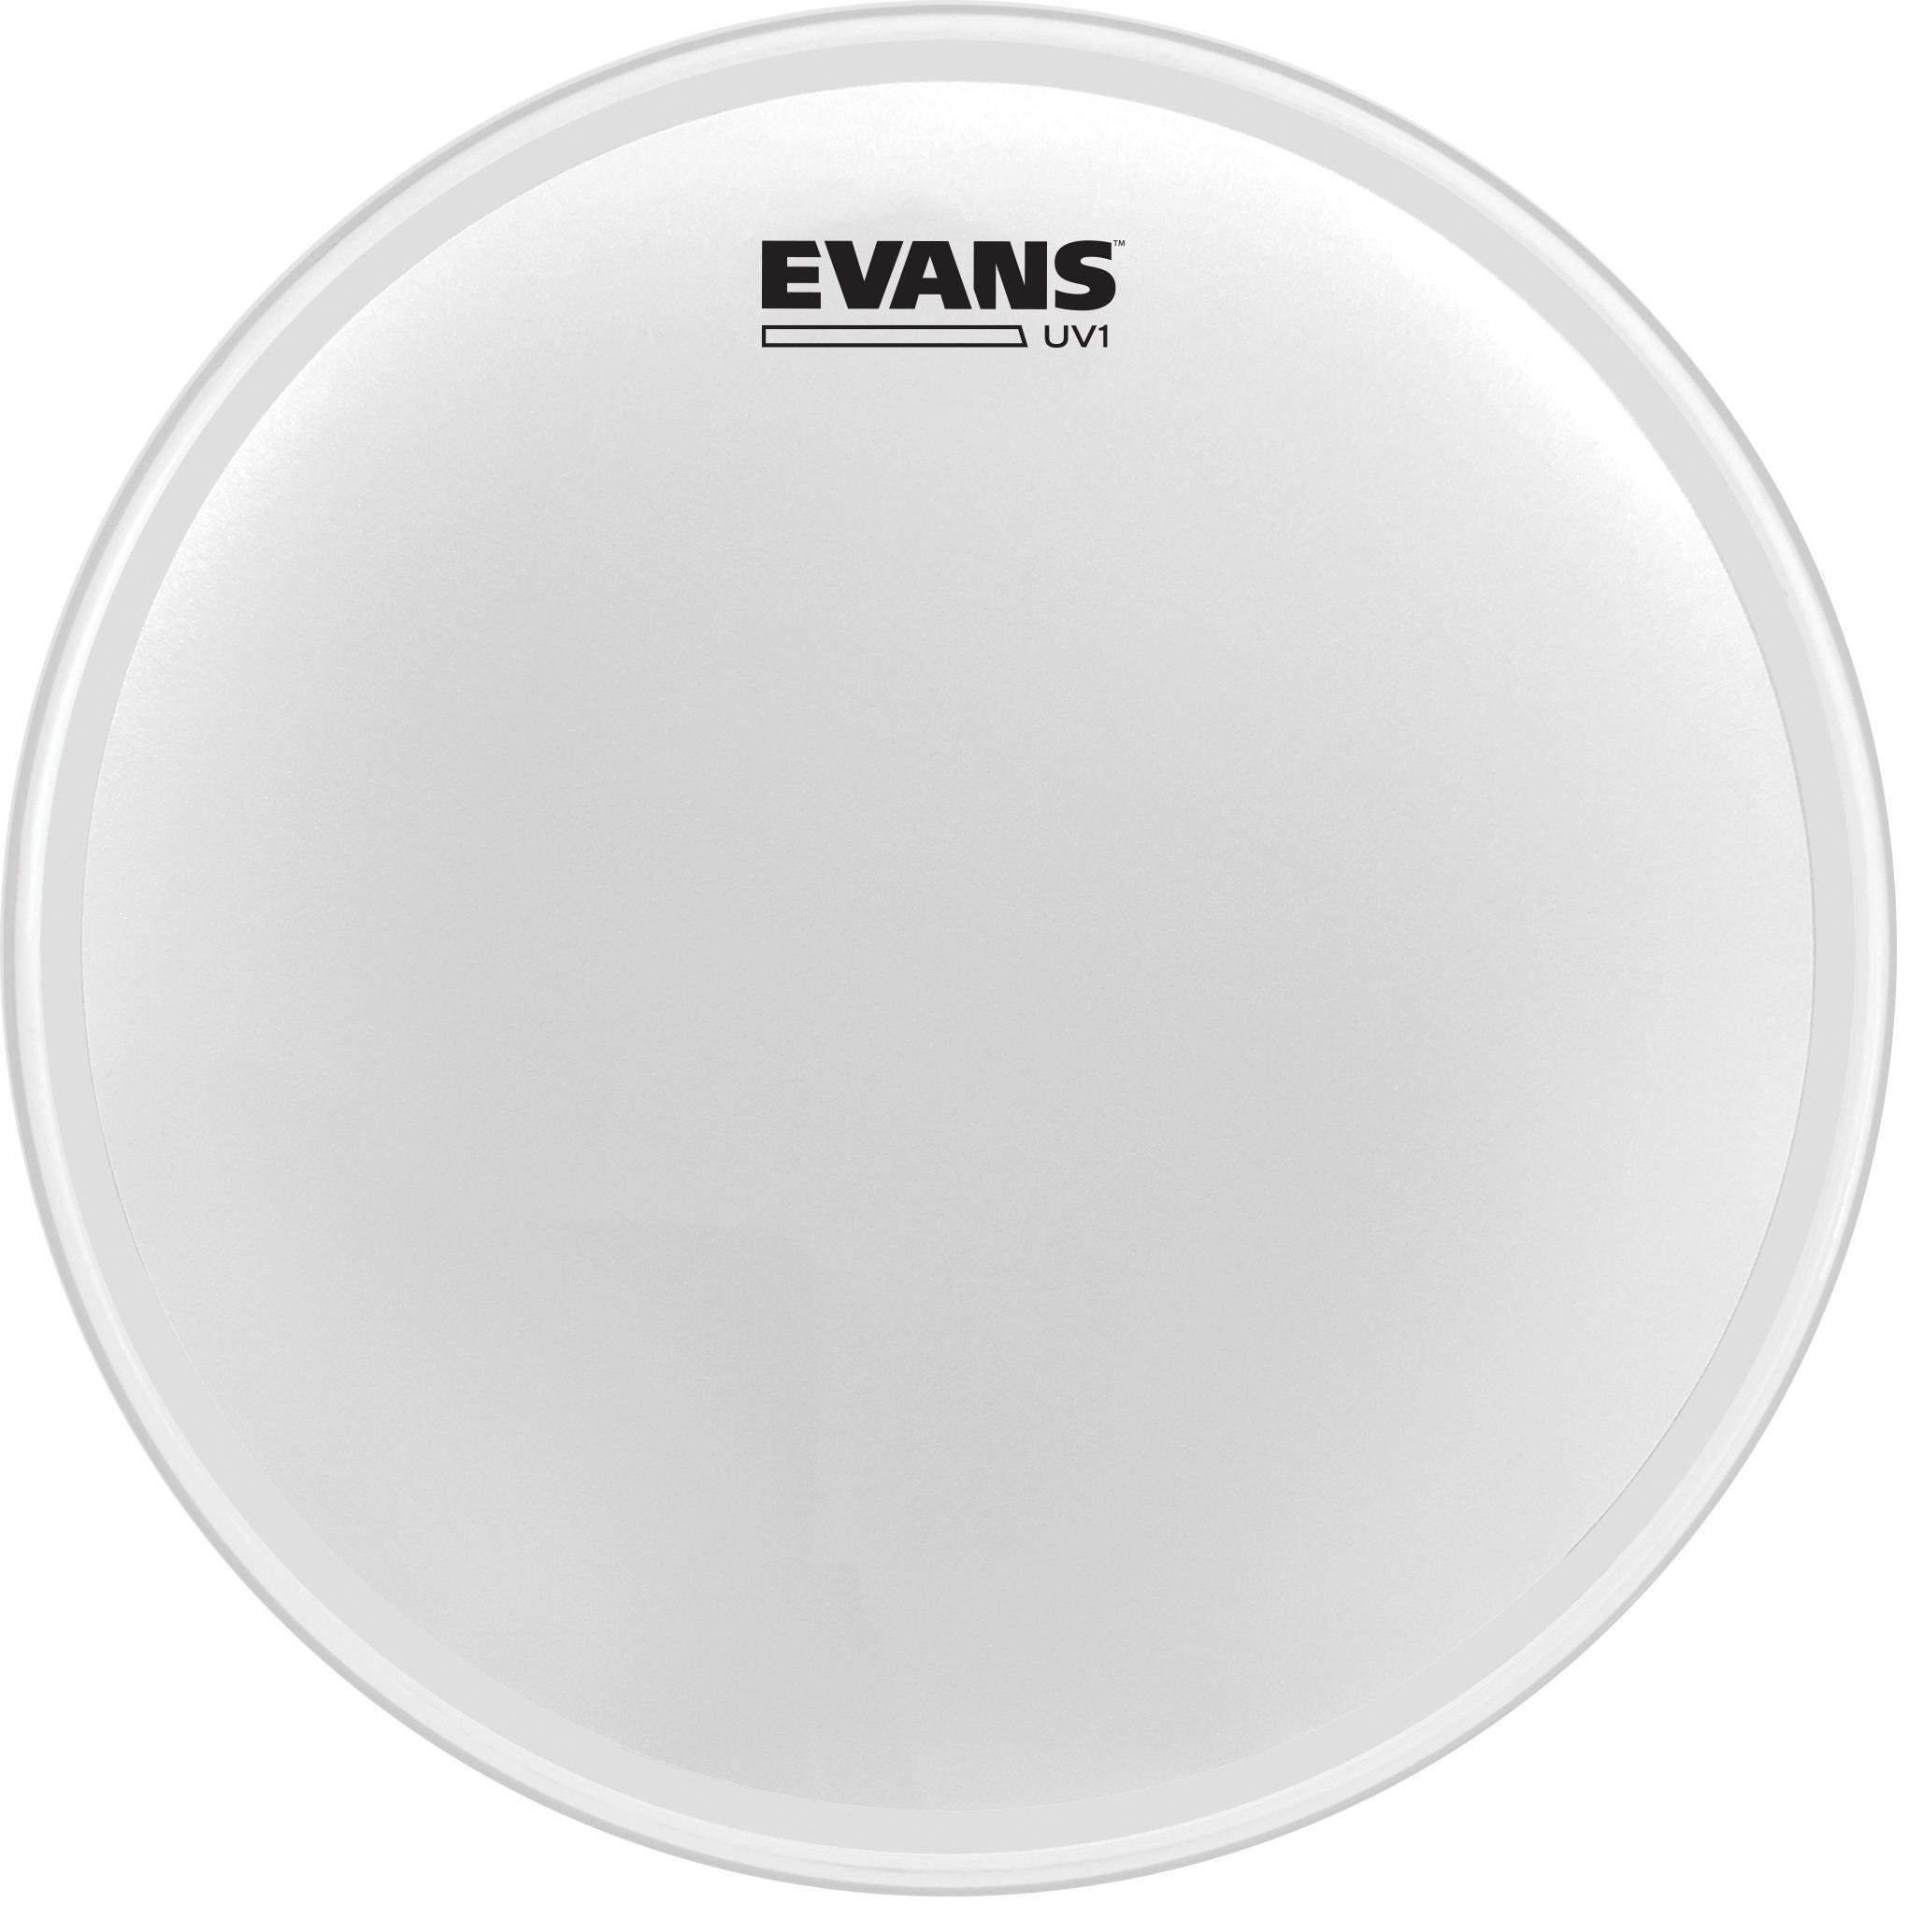 Evans UV1 B10UV1 10 Drum Head